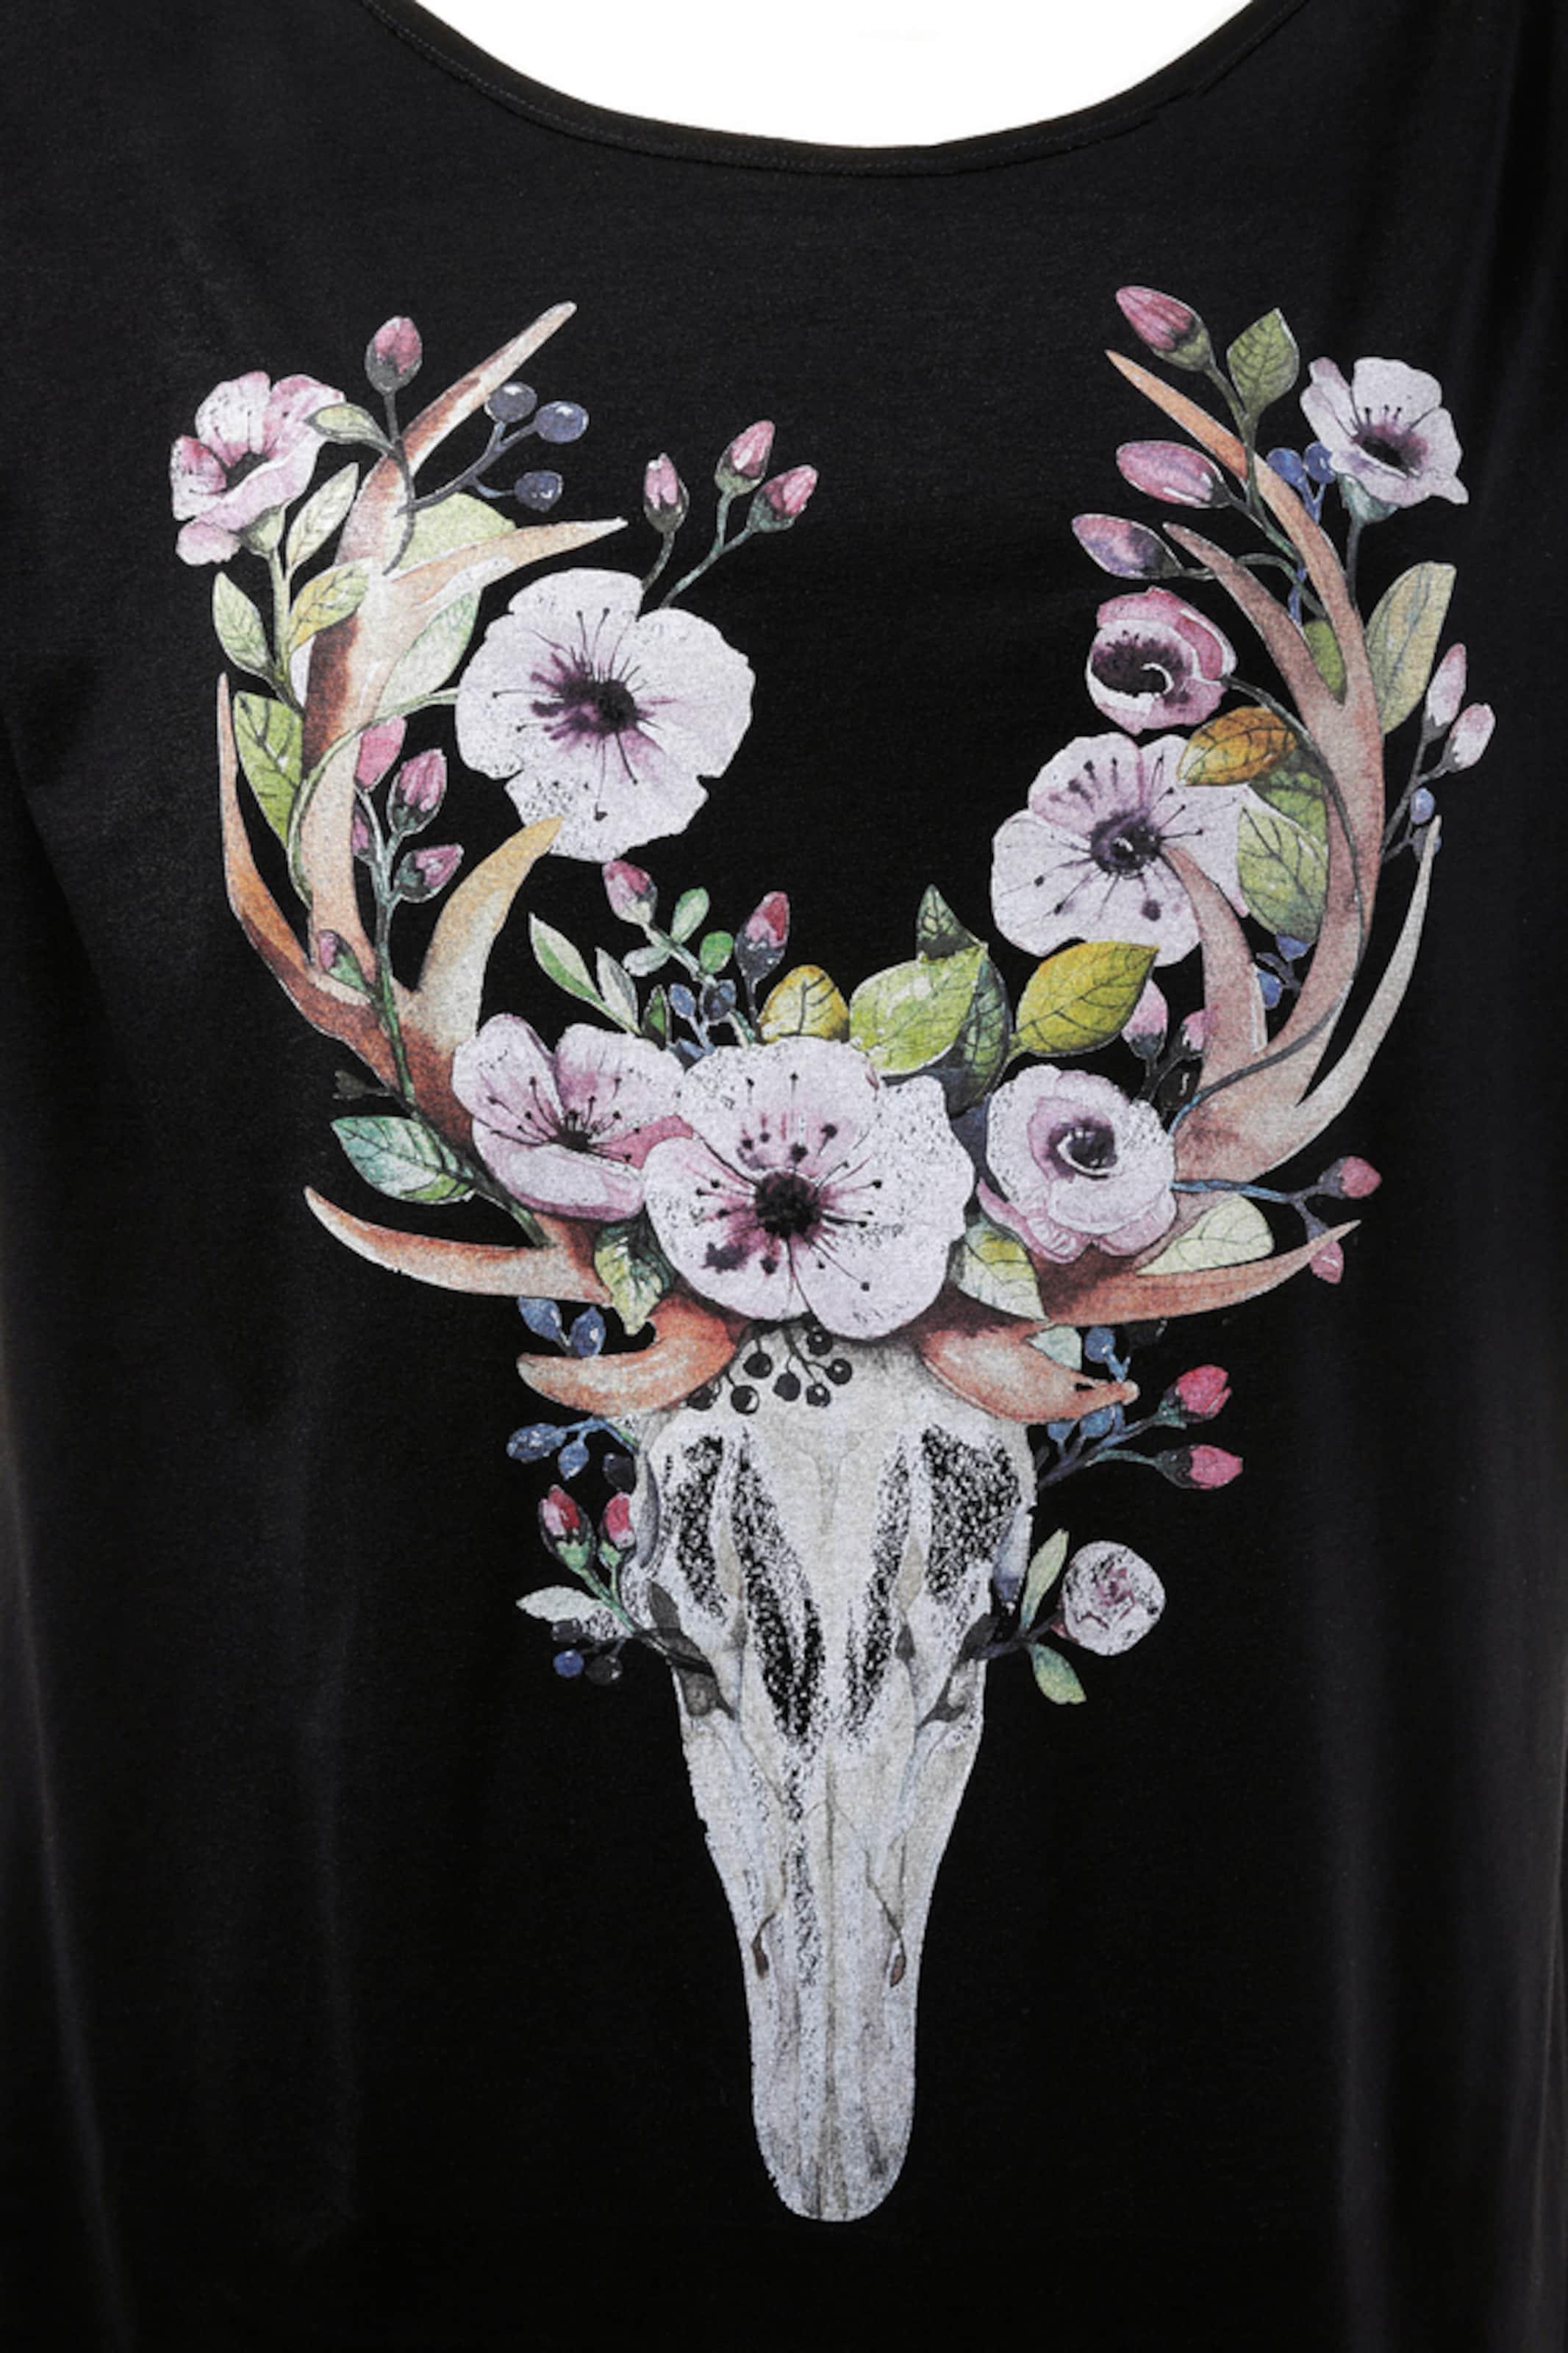 Auslass Manchester Großer Verkauf MONDKINI Trachtenshirt Damen mit 3/4 Arm Billig Verkaufen Billig Billig Verkauf Rabatte zJ0YUk4A